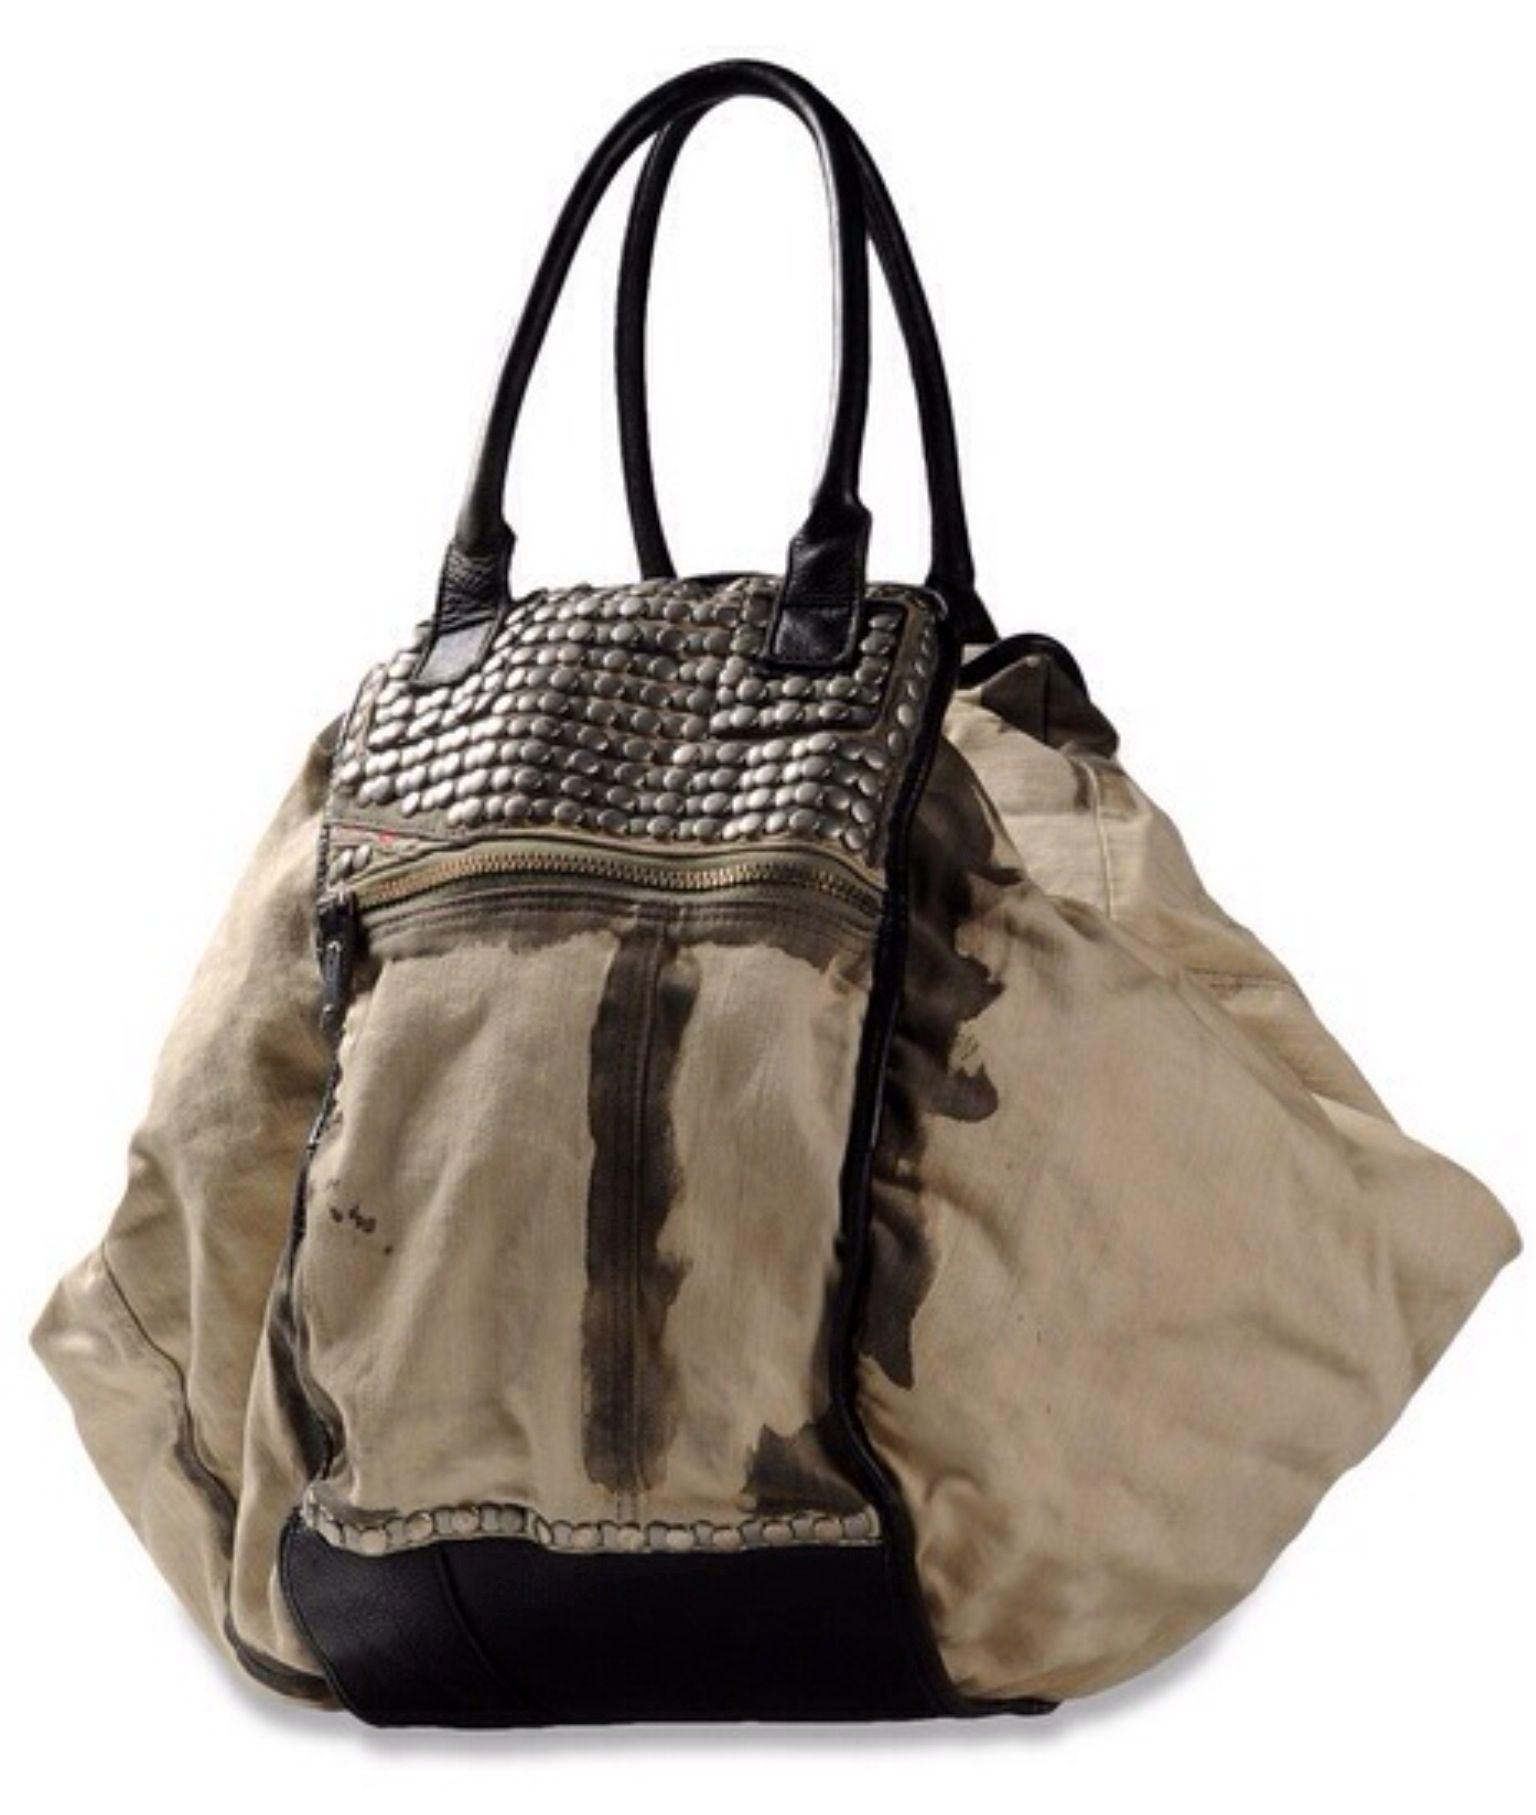 43e37e531f01 Canvas and leather oversized bag.